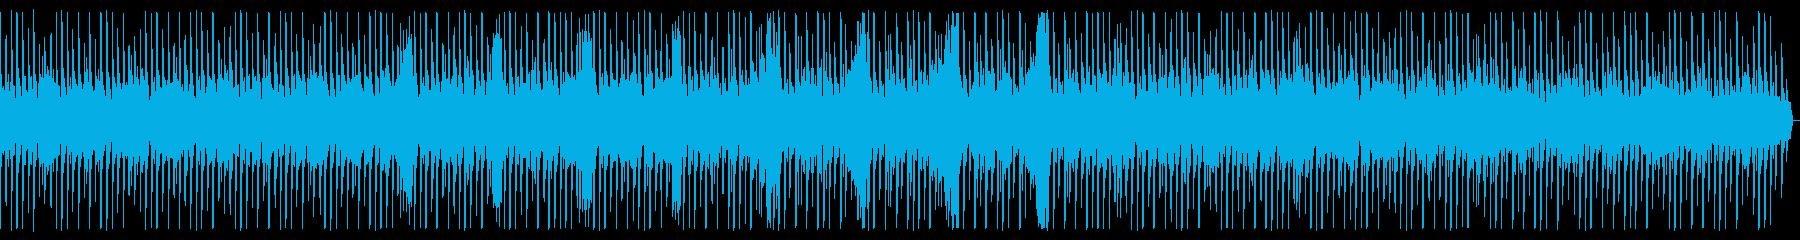 アップテンポなテクノの再生済みの波形